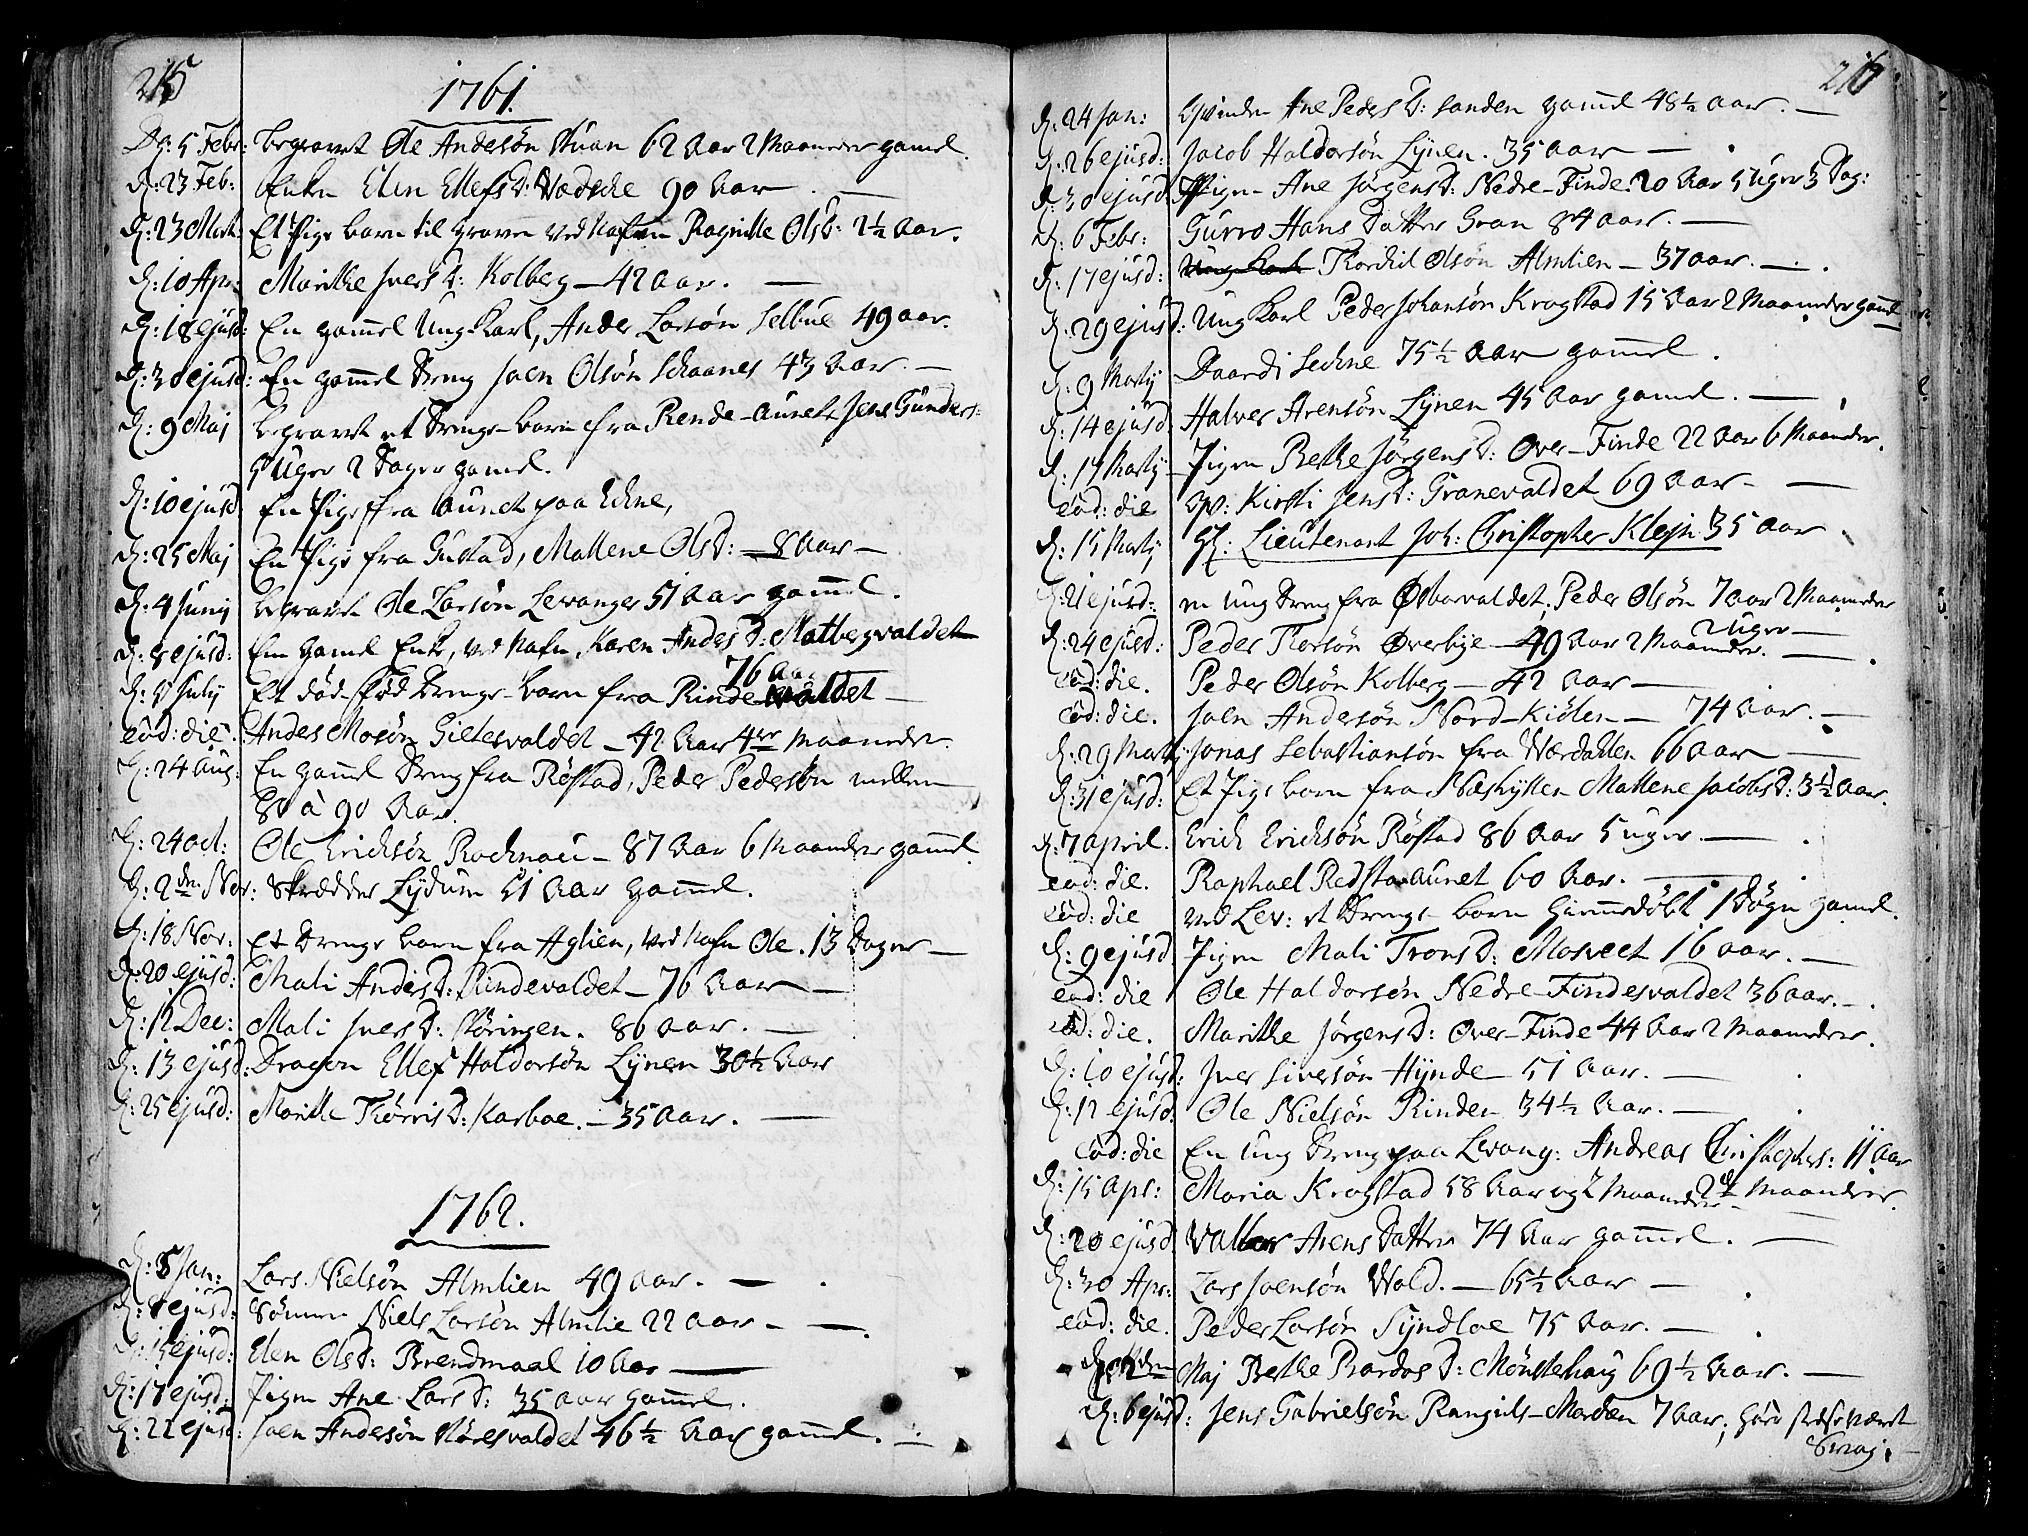 SAT, Ministerialprotokoller, klokkerbøker og fødselsregistre - Nord-Trøndelag, 717/L0141: Ministerialbok nr. 717A01, 1747-1803, s. 215-216